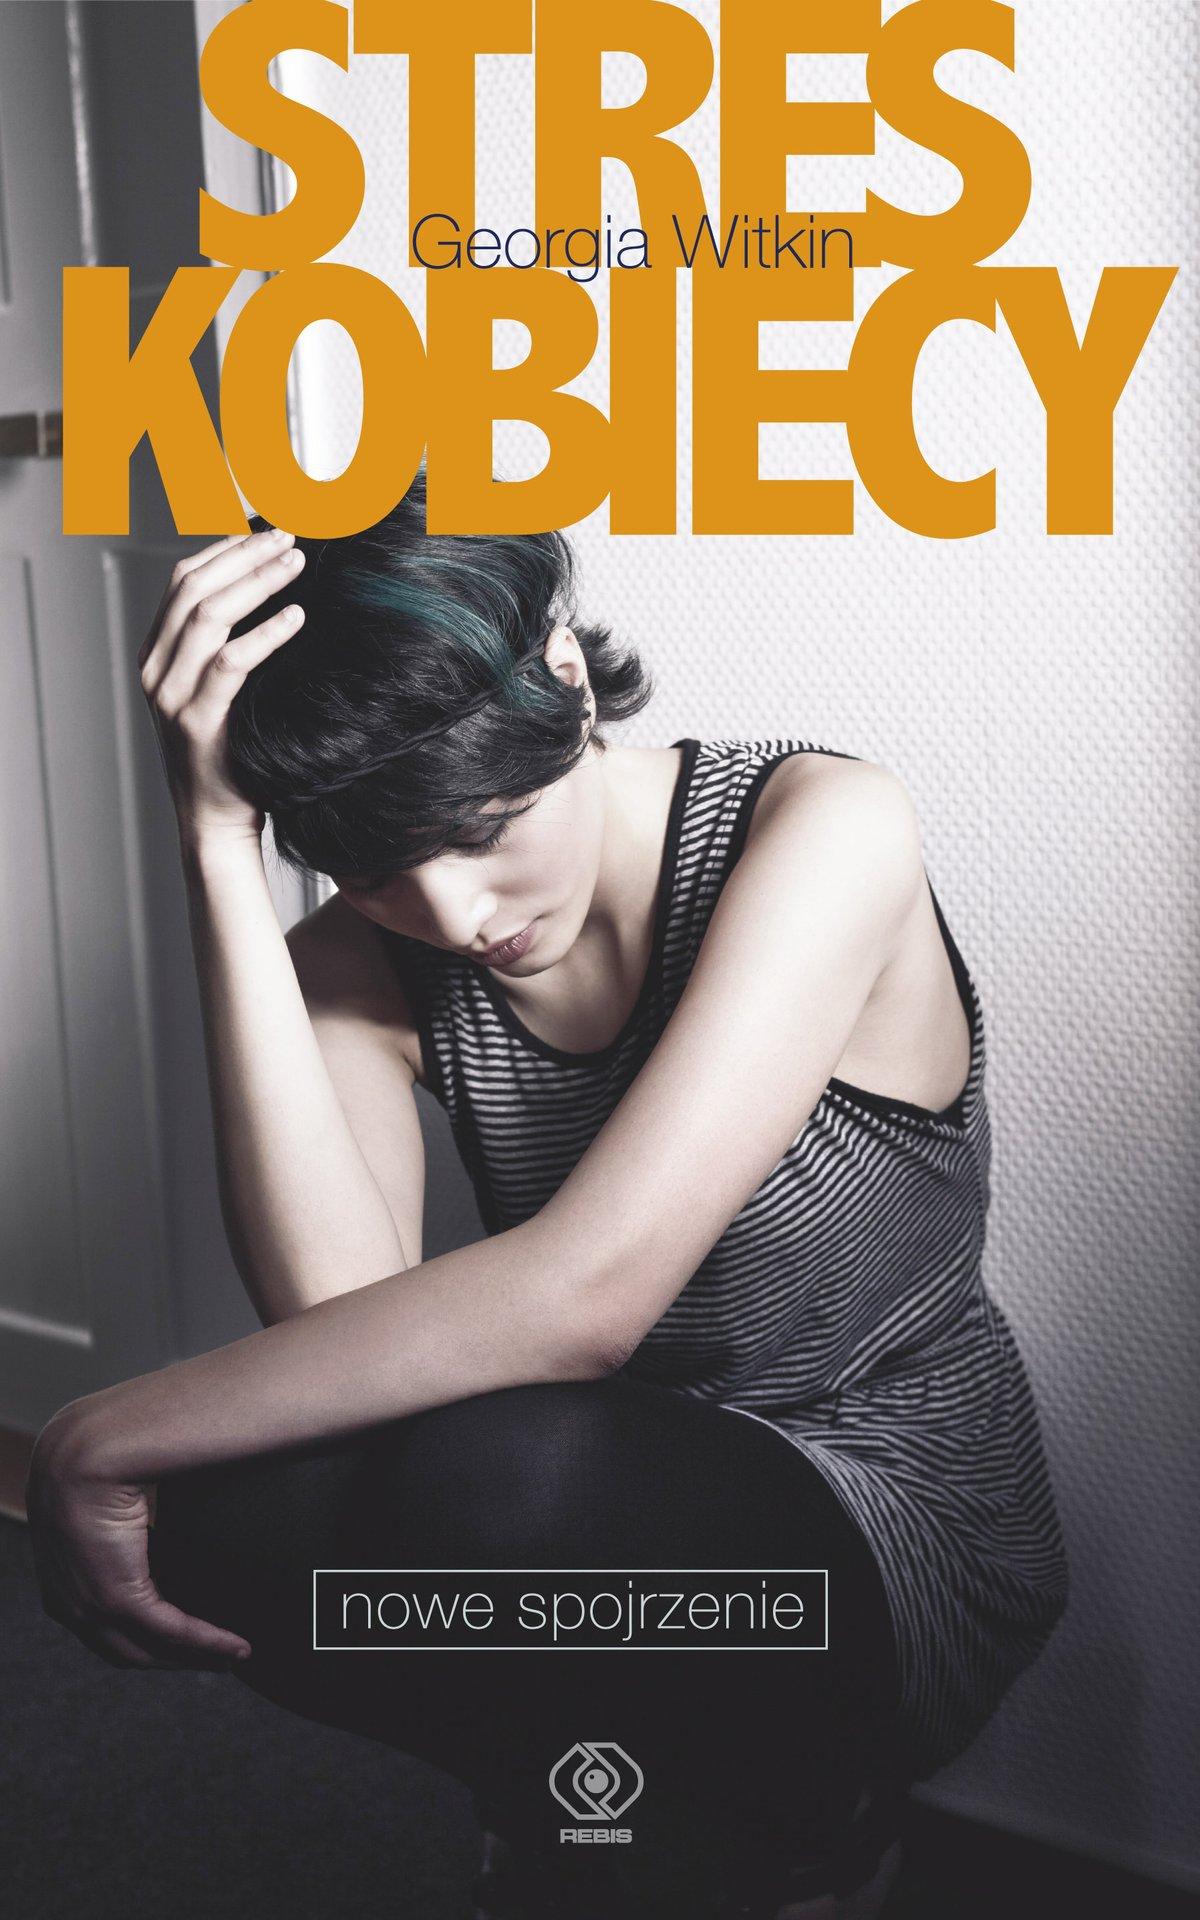 Stres kobiecy - nowe spojrzenie - Ebook (Książka EPUB) do pobrania w formacie EPUB